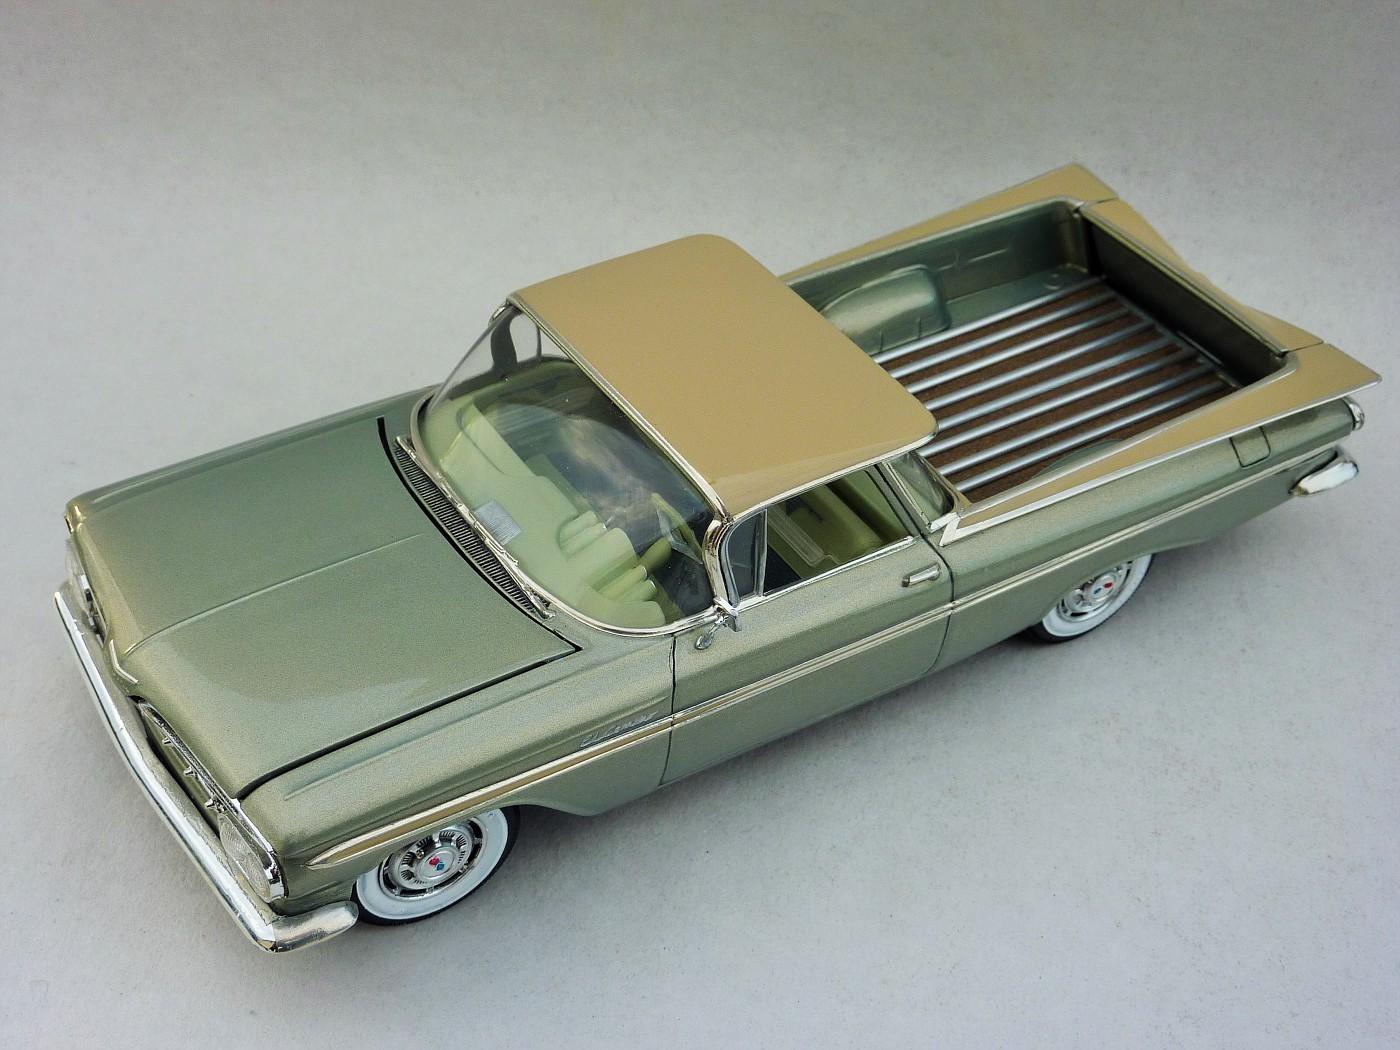 restauration Chevy EL camino 59  P1290123-vi